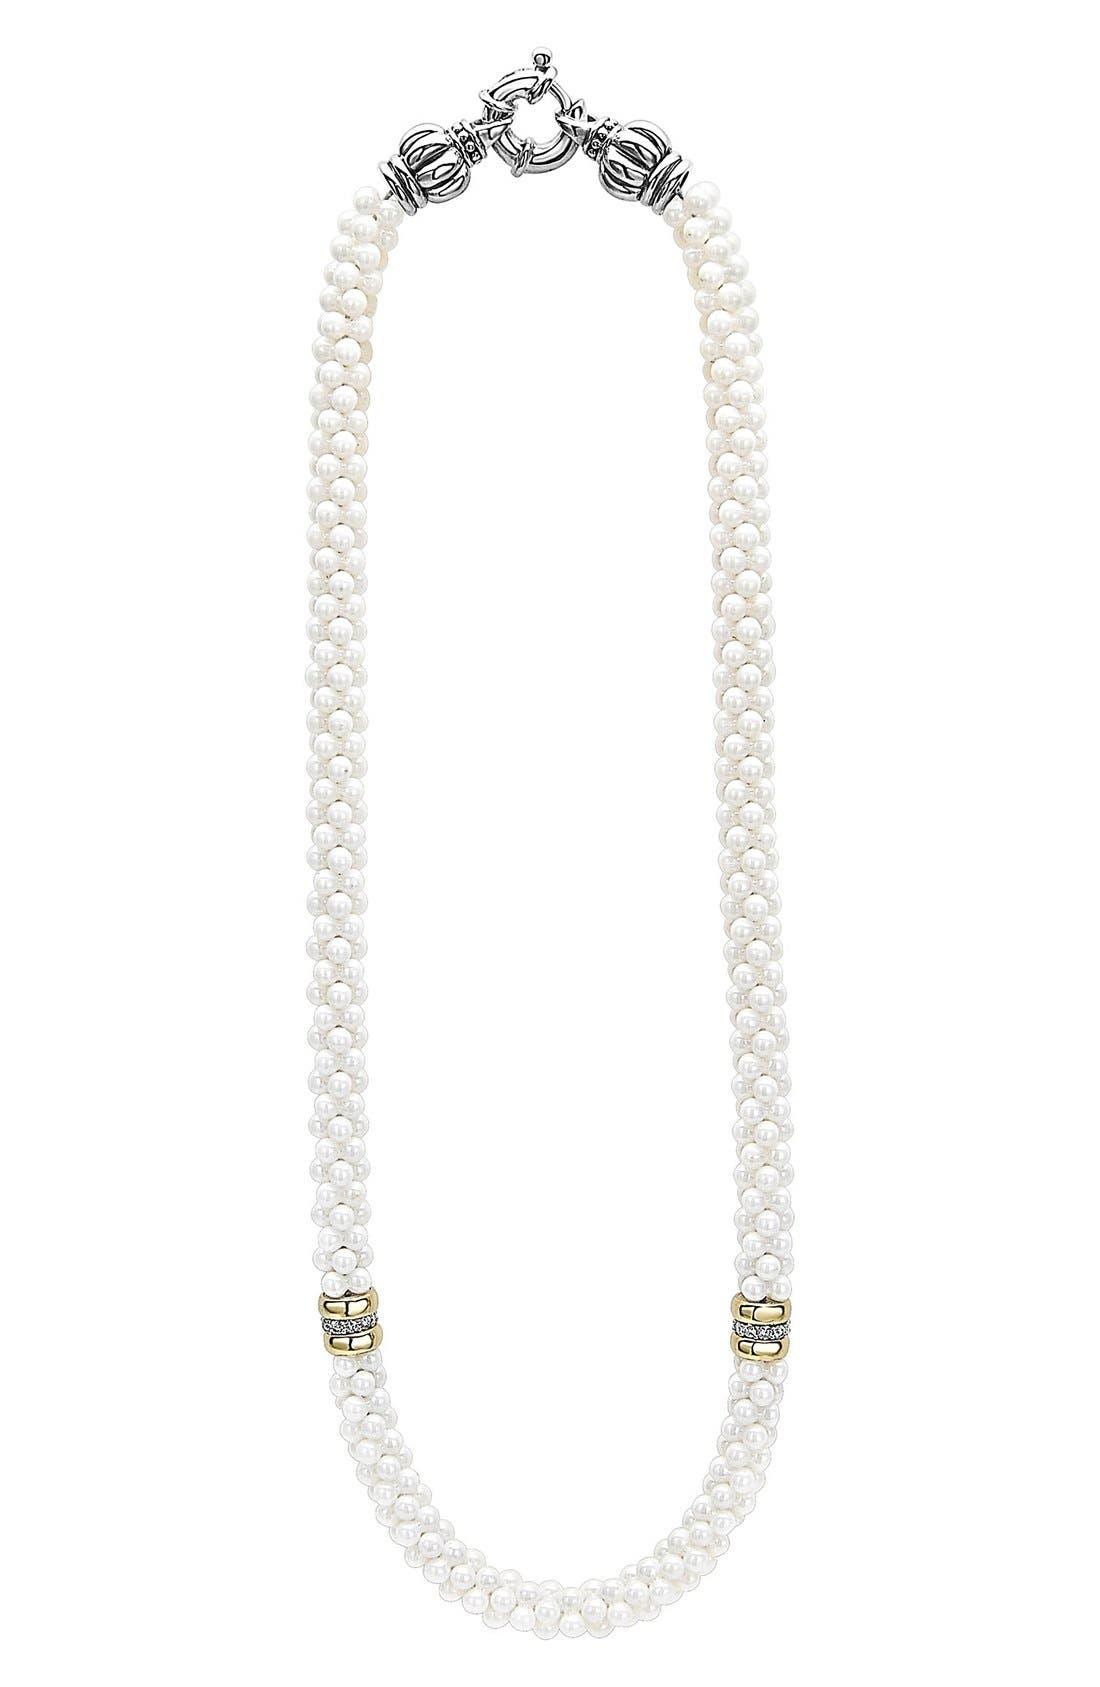 LAGOS 'White Caviar' 7mm Beaded Diamond Station Necklace